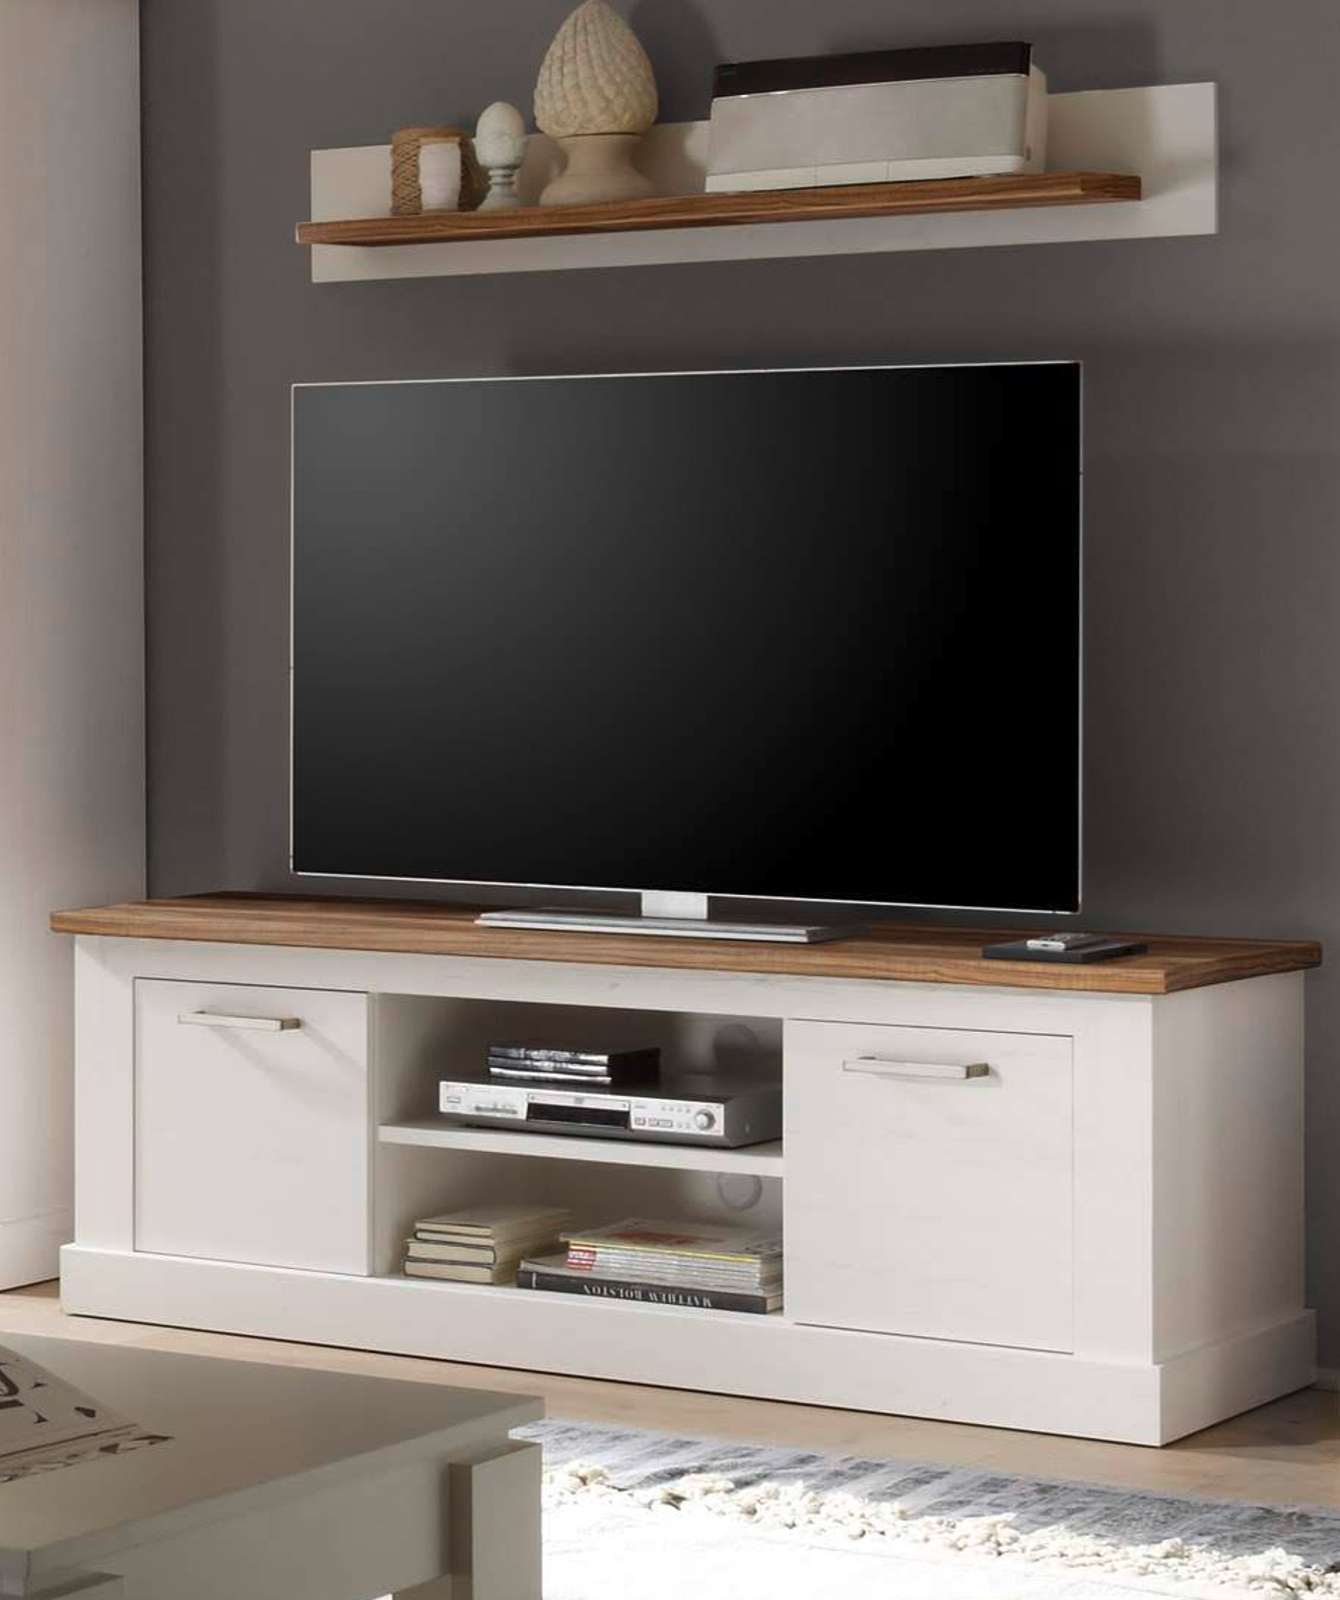 tv unterteil anderson pinie wei nussbaum. Black Bedroom Furniture Sets. Home Design Ideas